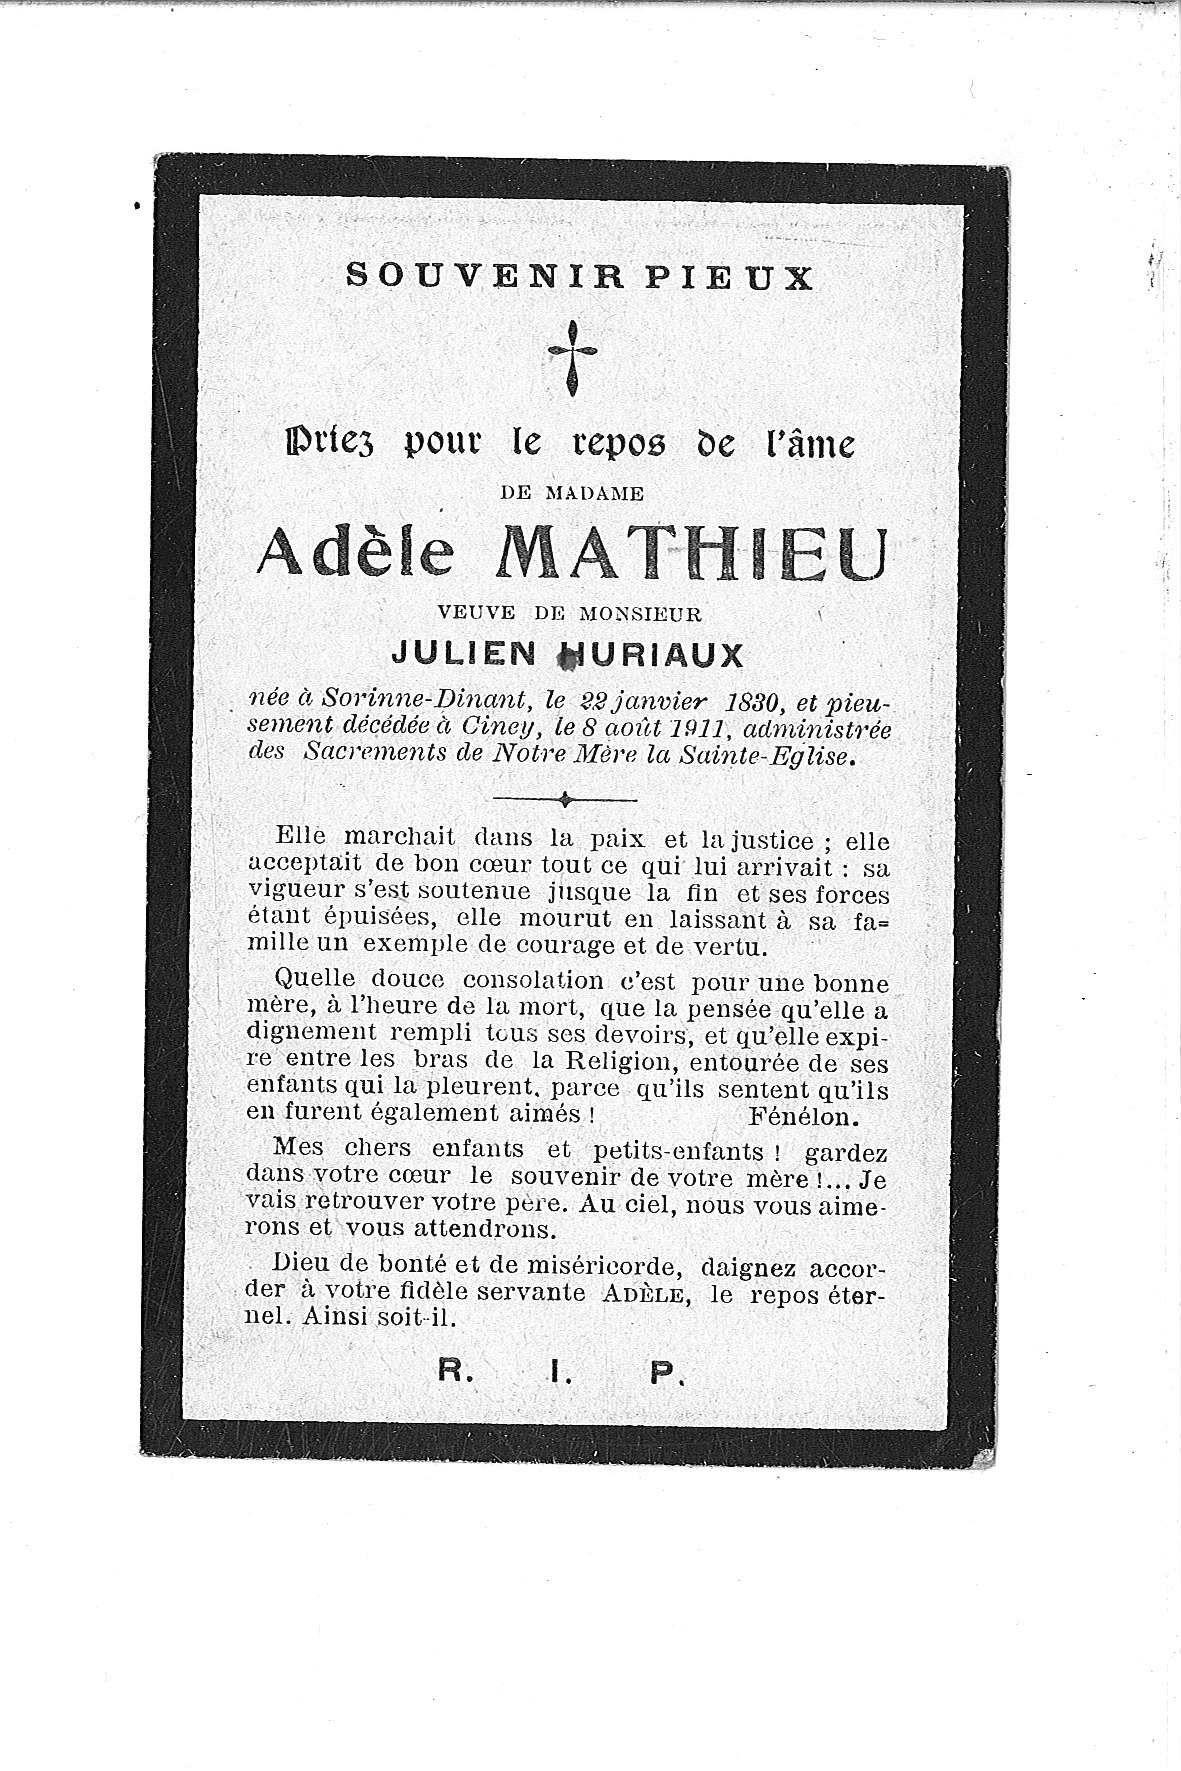 Adèle(1911)20120227121116_00003.jpg